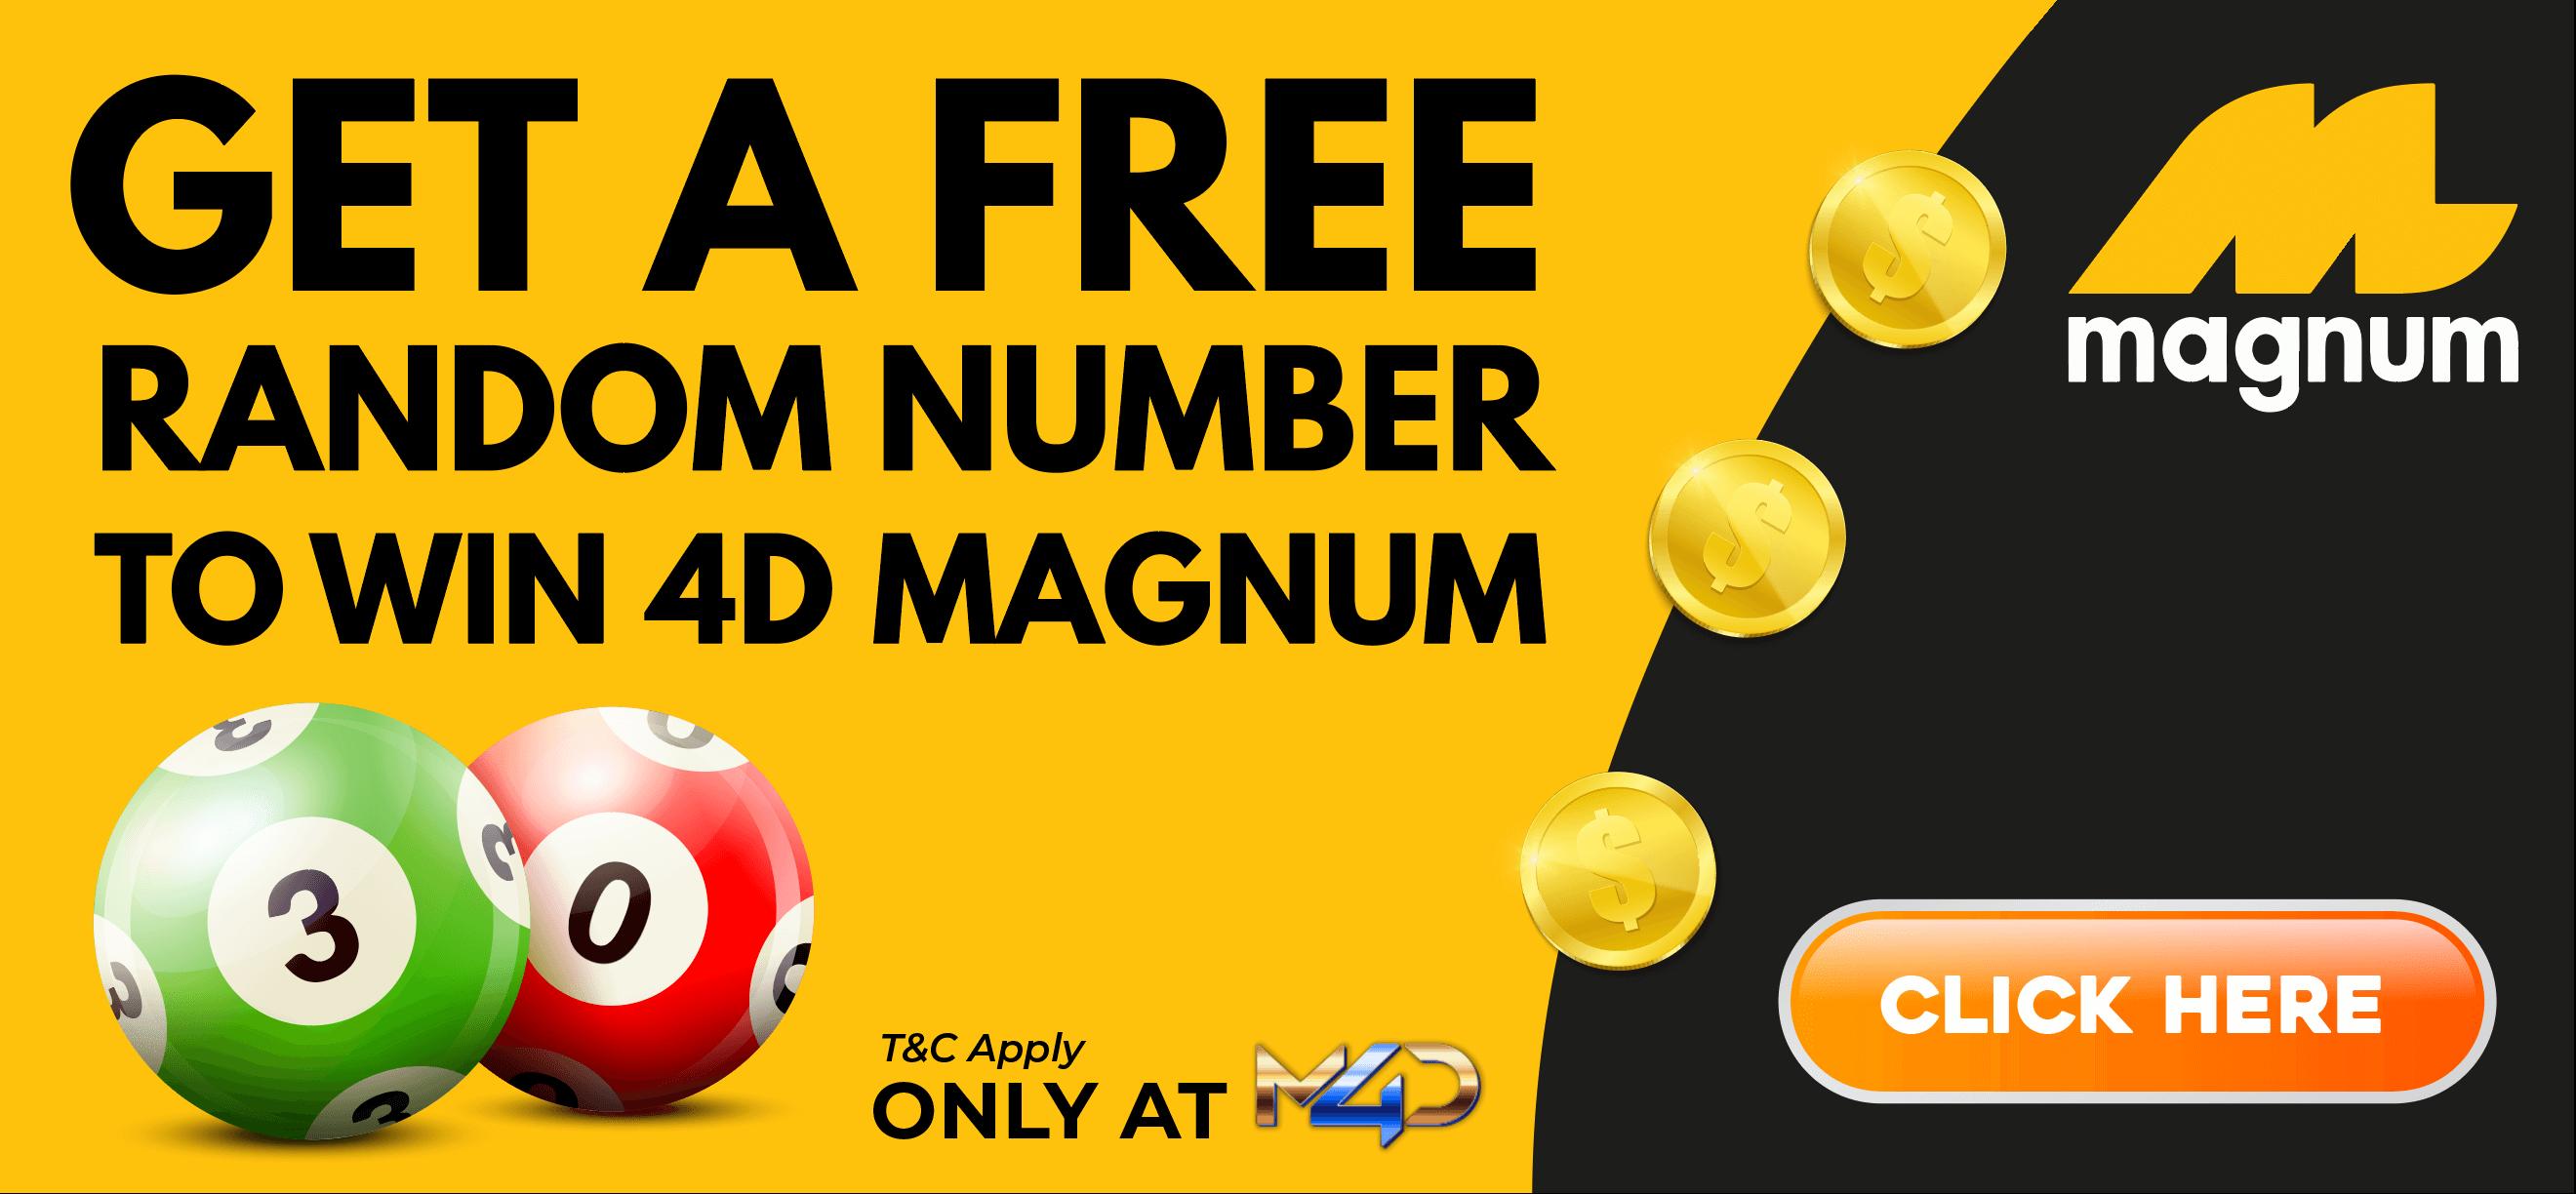 Magnum 4d free